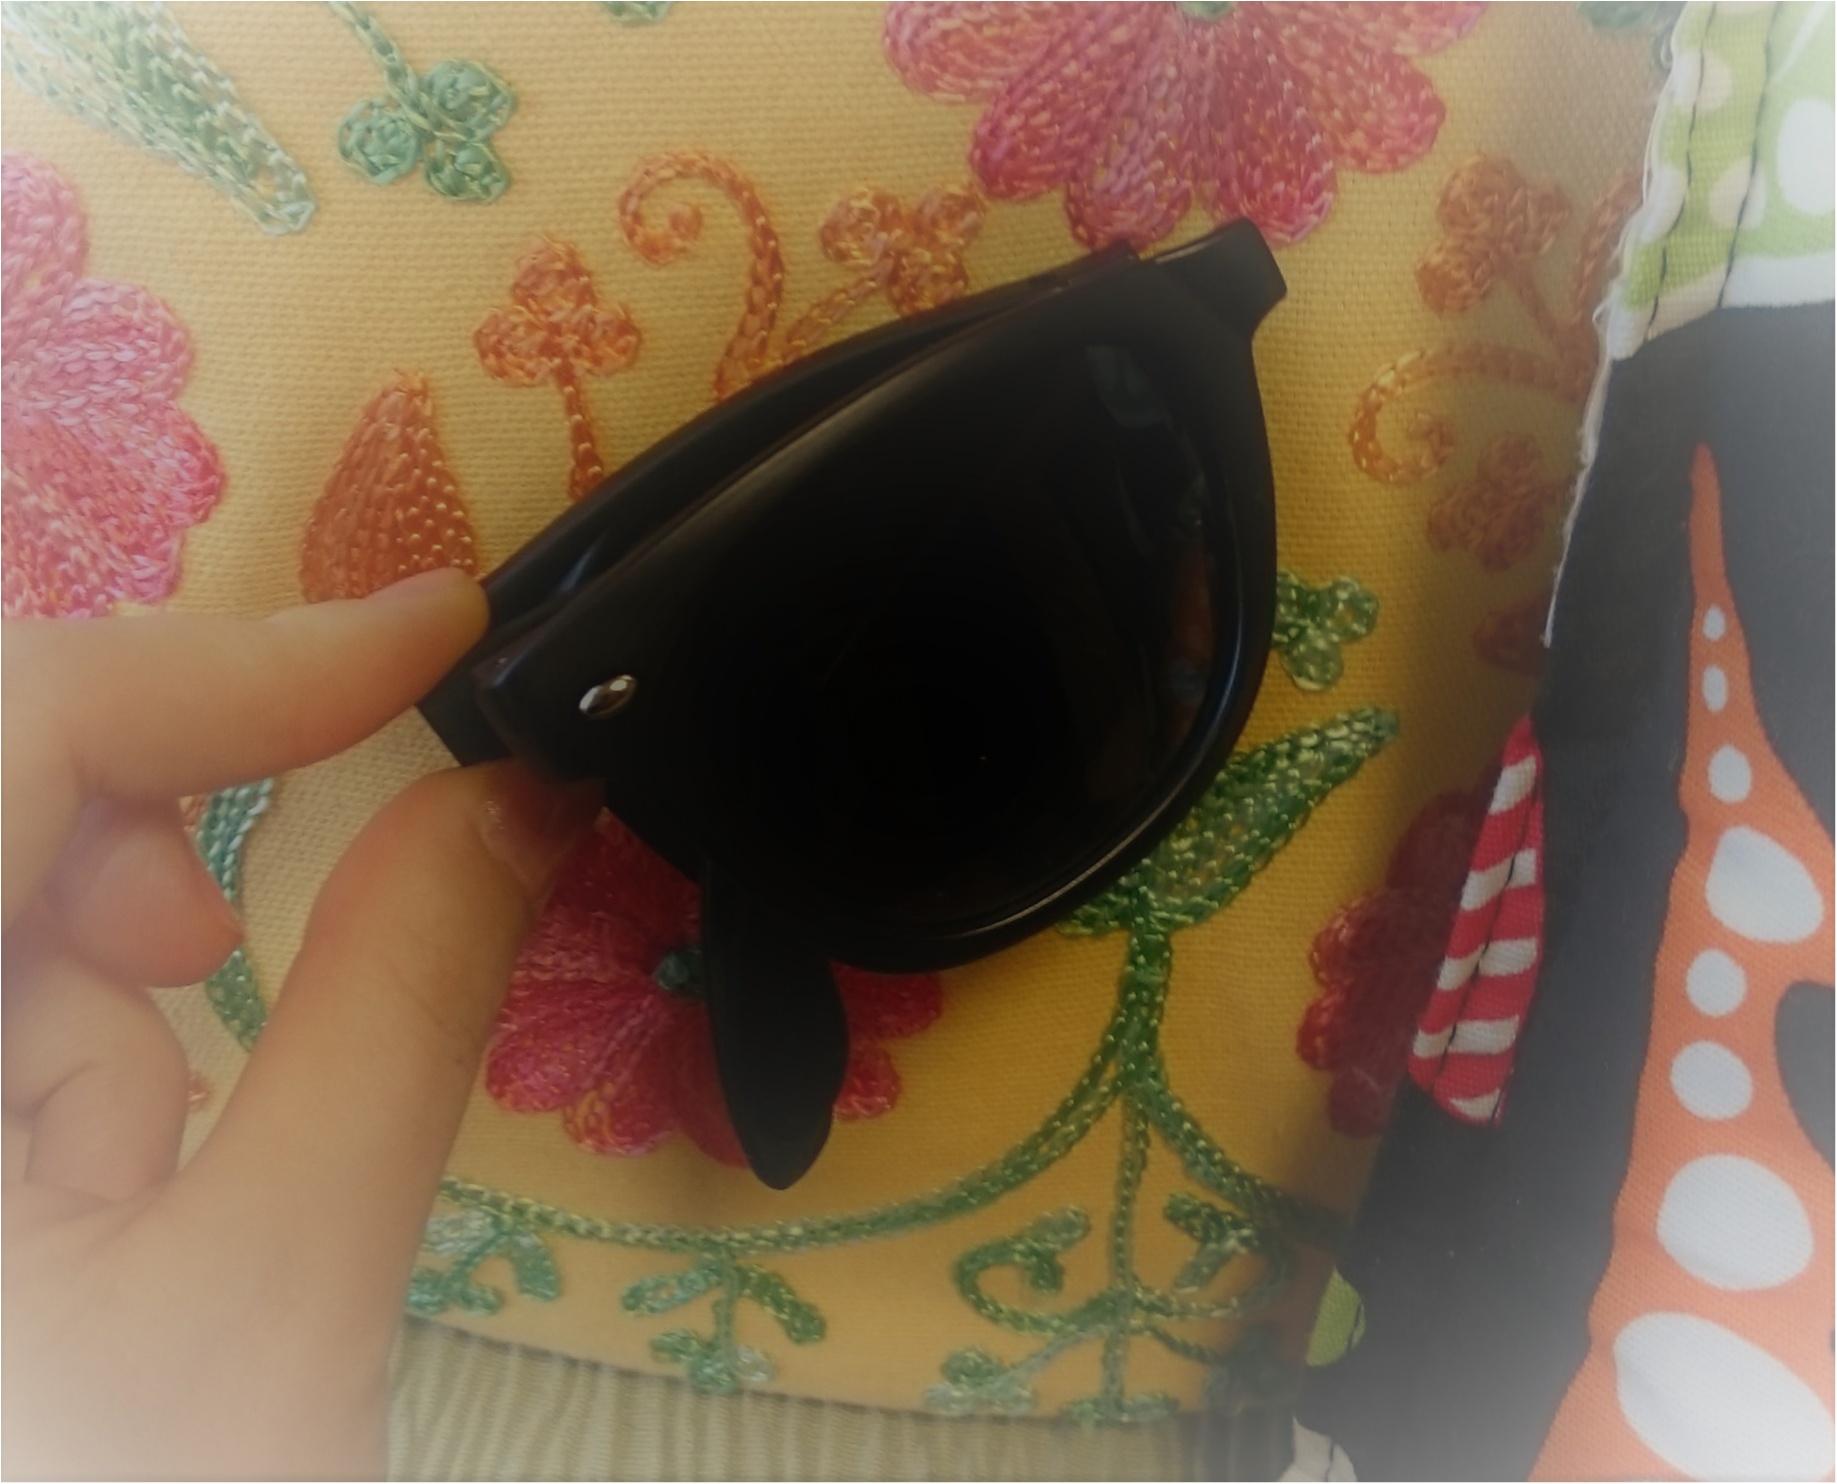 【フライングタイガー】で見つけた便利トラベル・グッズ♡ ♪ハワイの準備・その2♪ _3